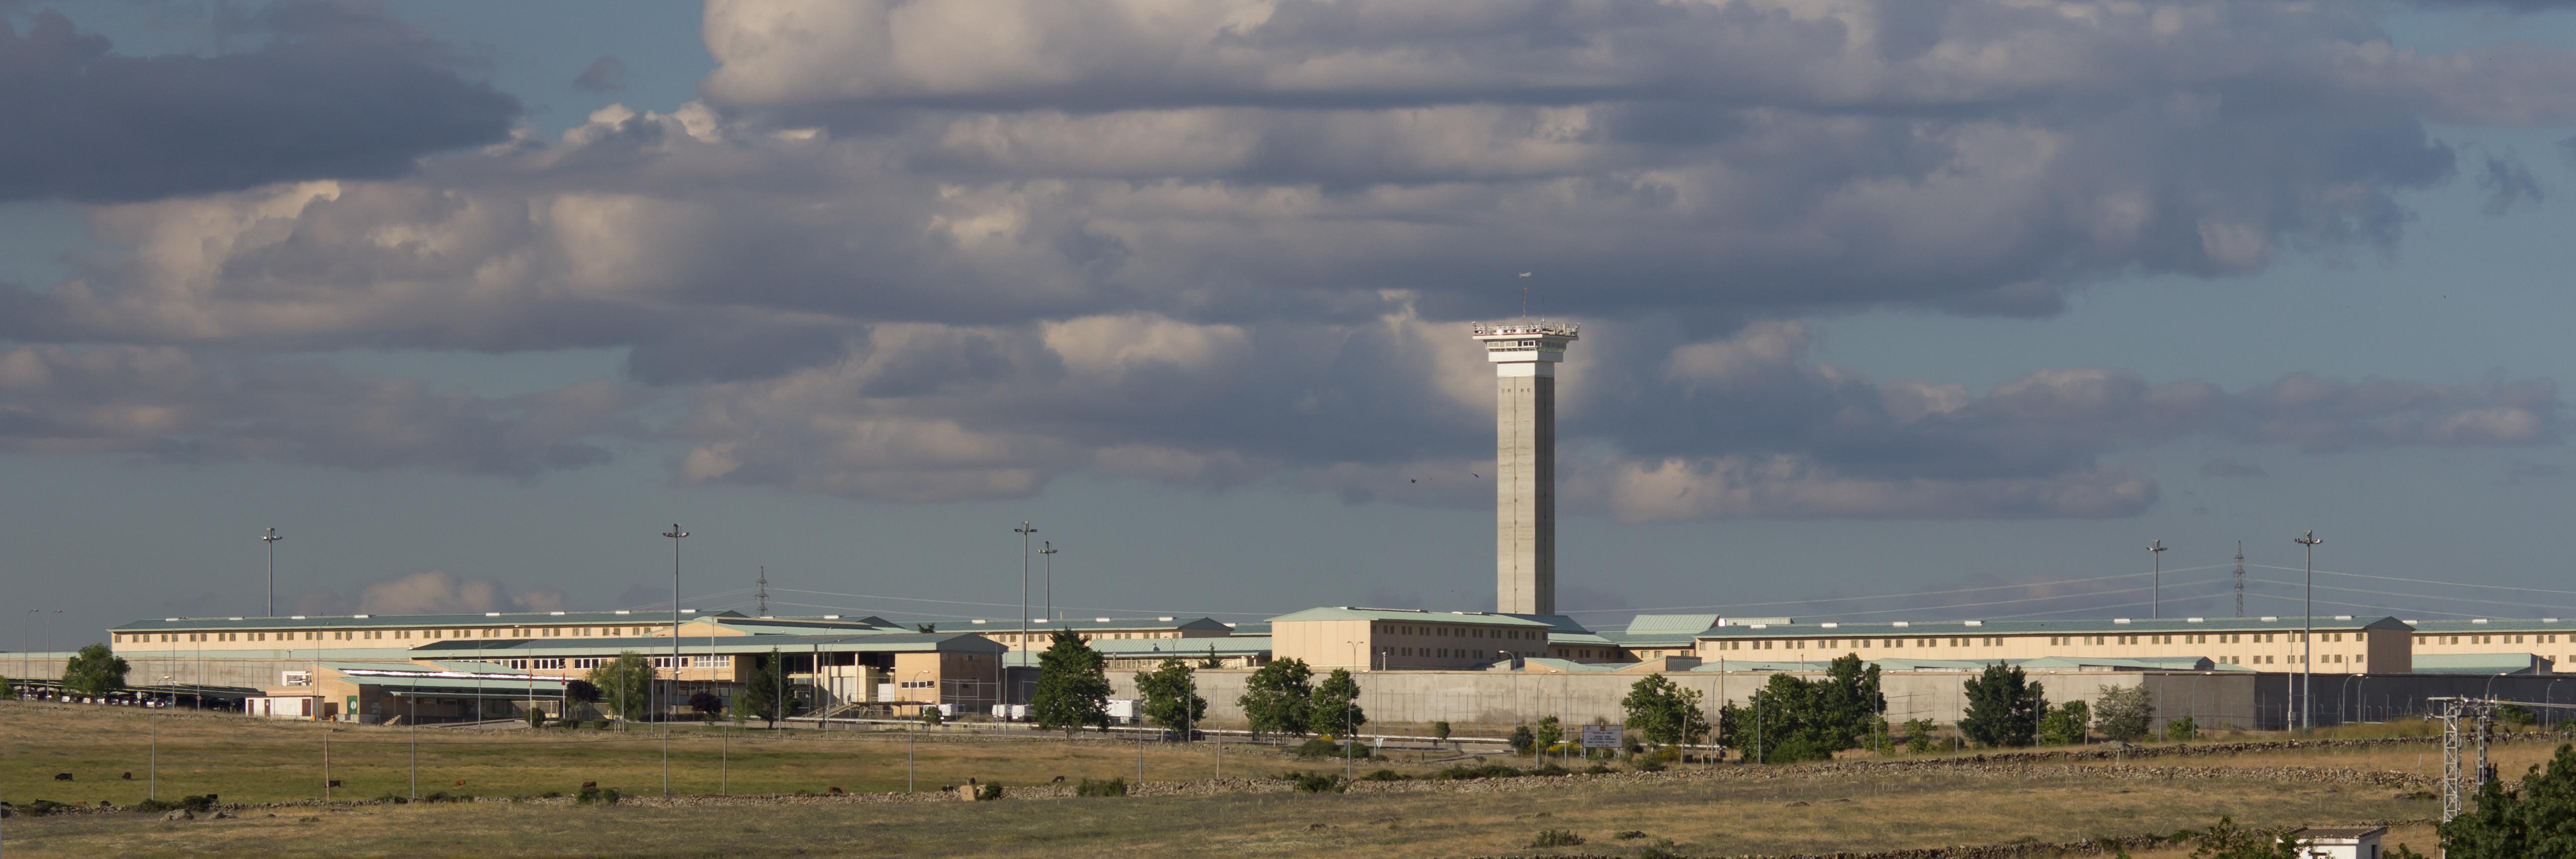 File:Centro Penitenciario Madrid V Soto del Real - 03.jpg ...